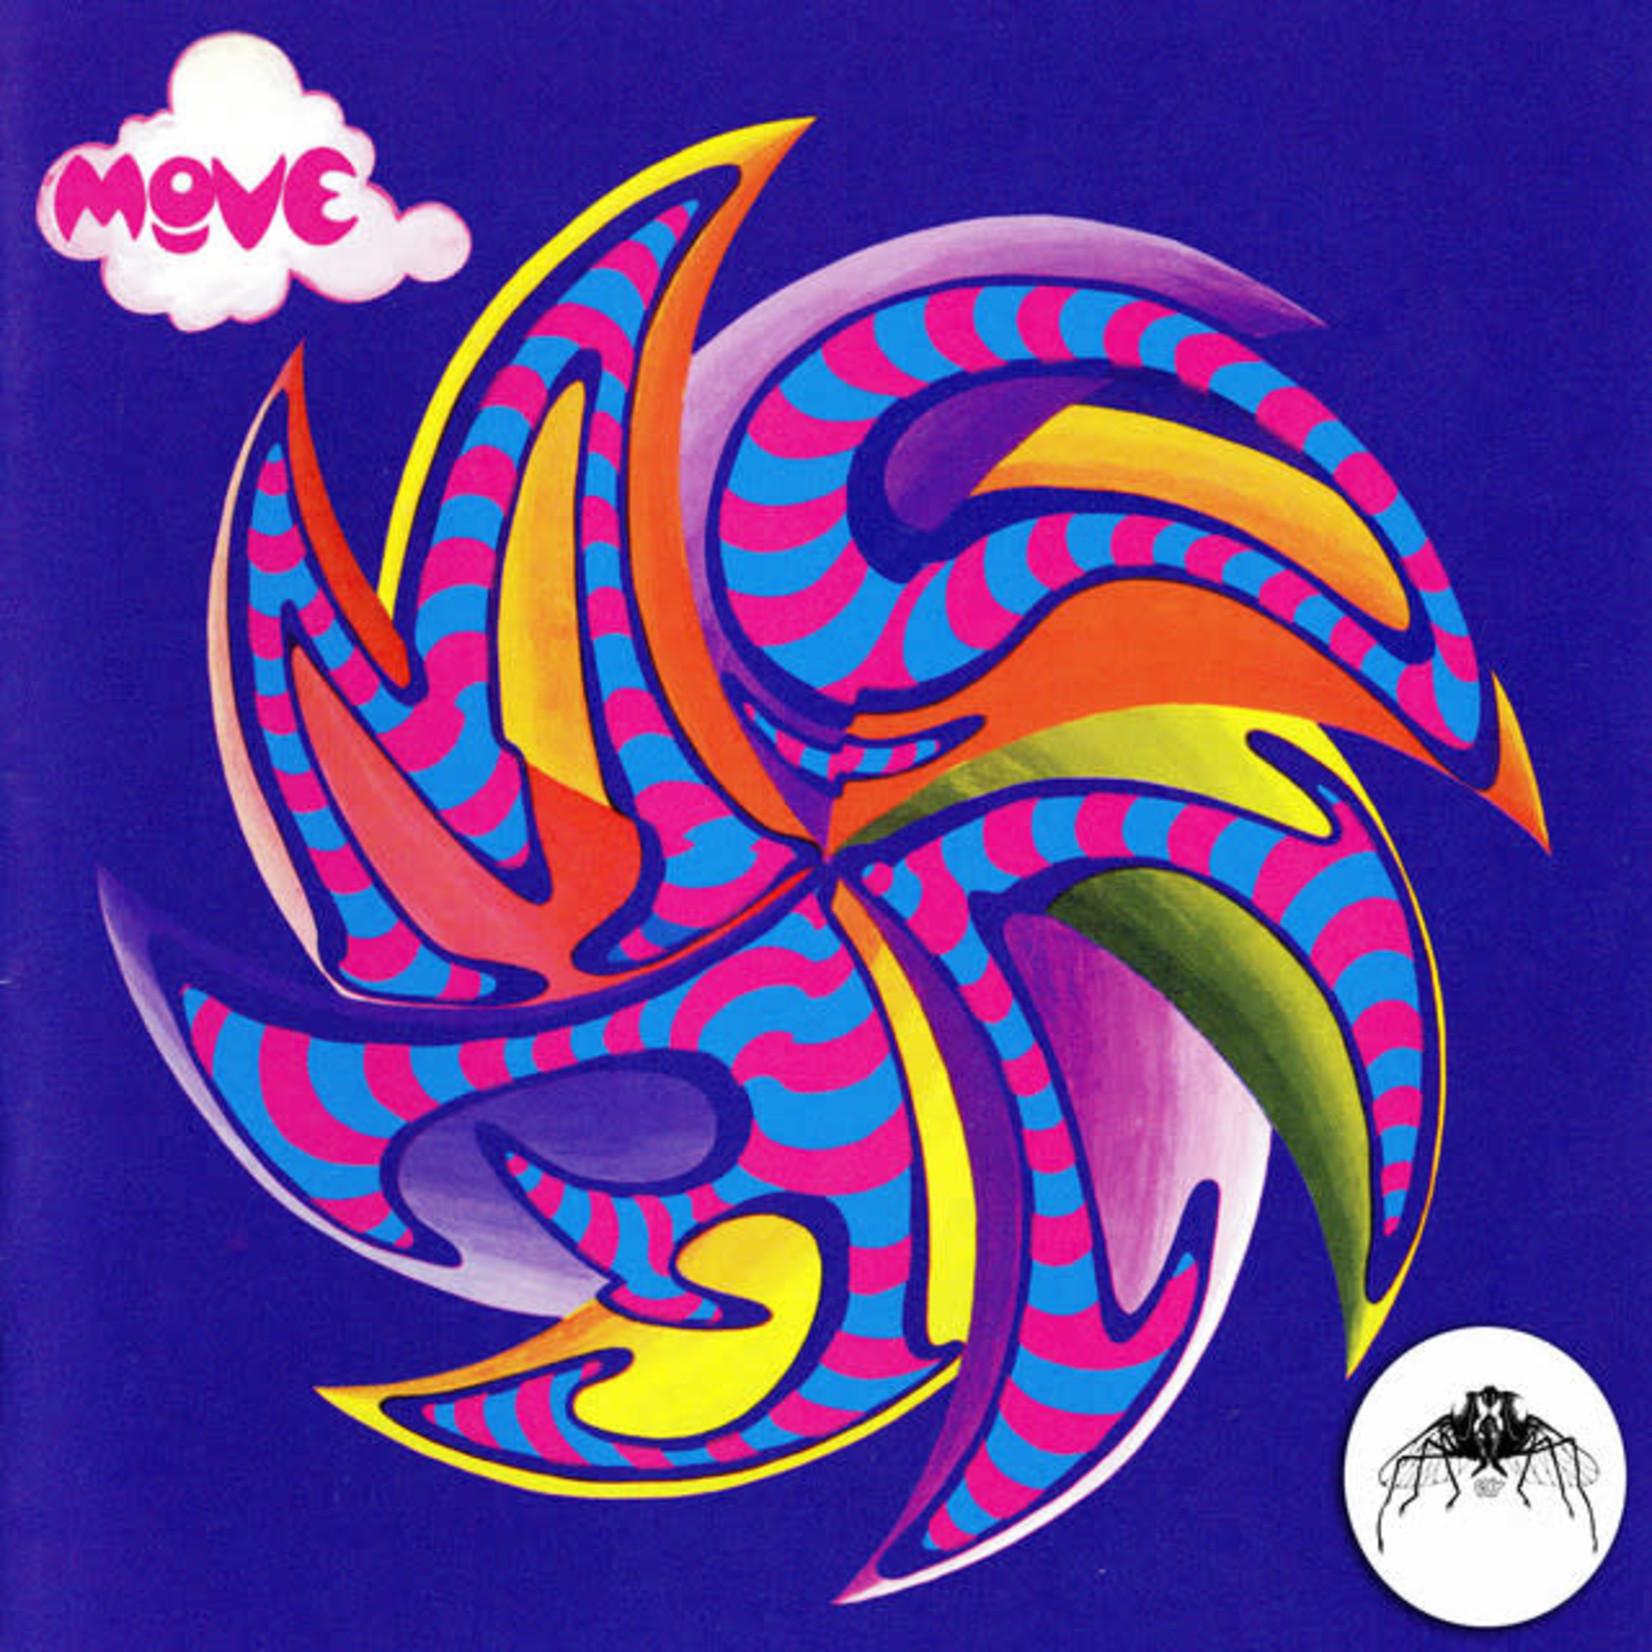 Vinyl The Move - S/T